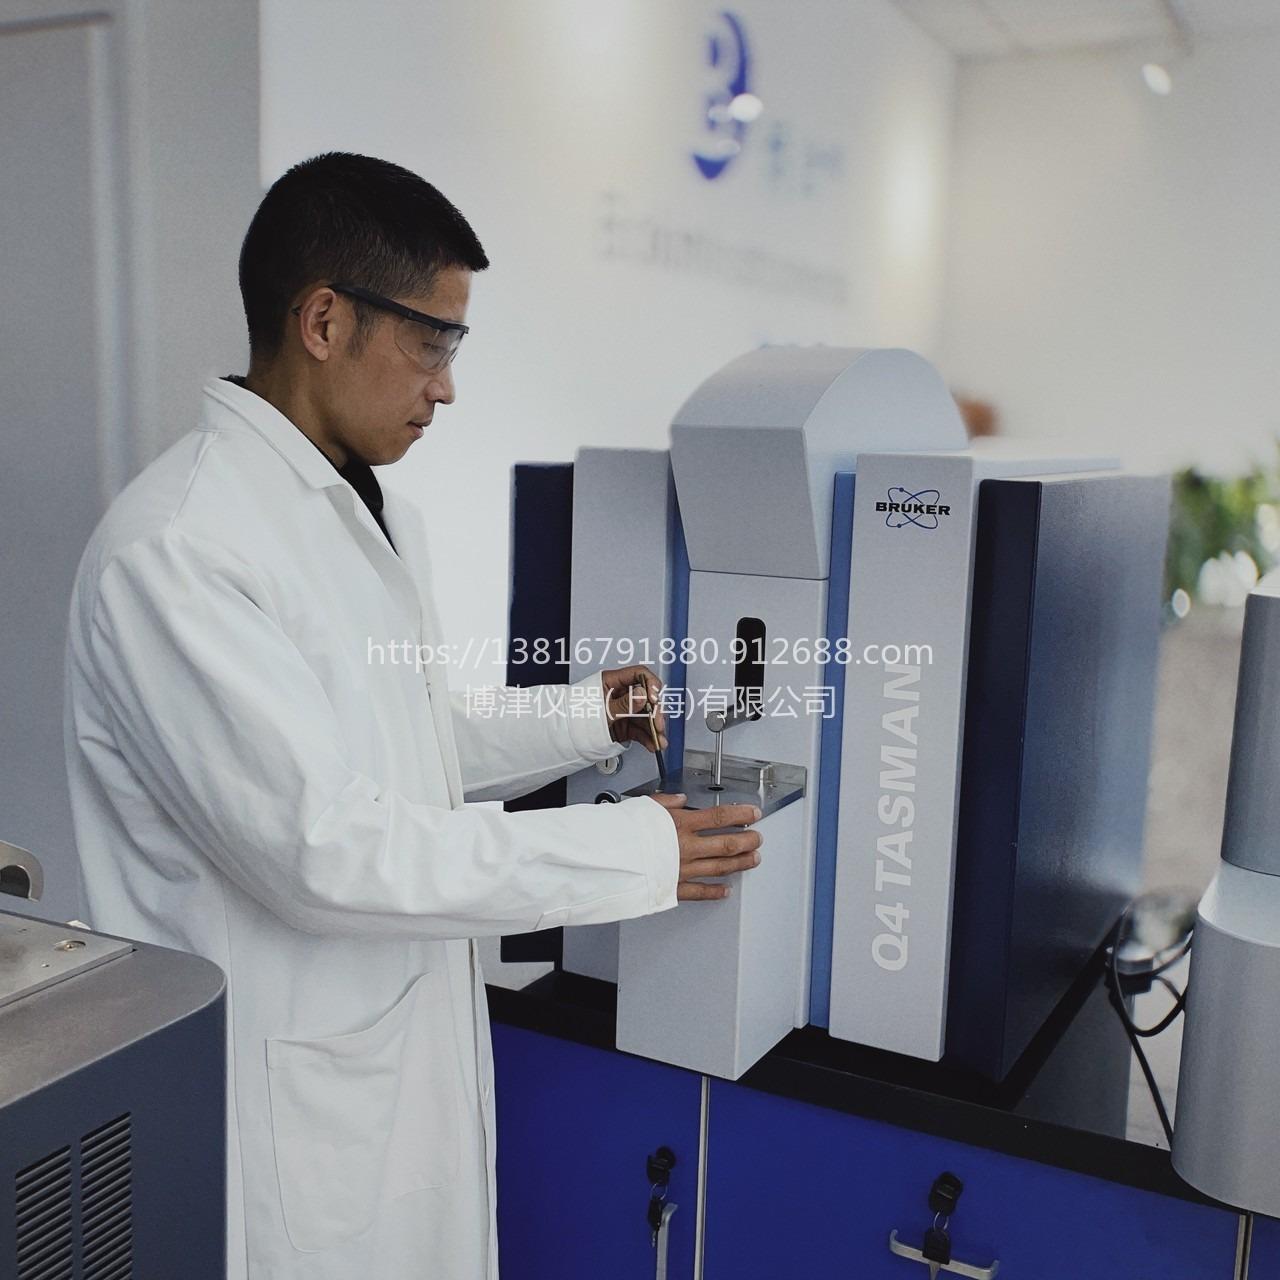 布魯克金屬分析儀 型號Q4  高分辨率火花光譜儀 多基體 可測氮